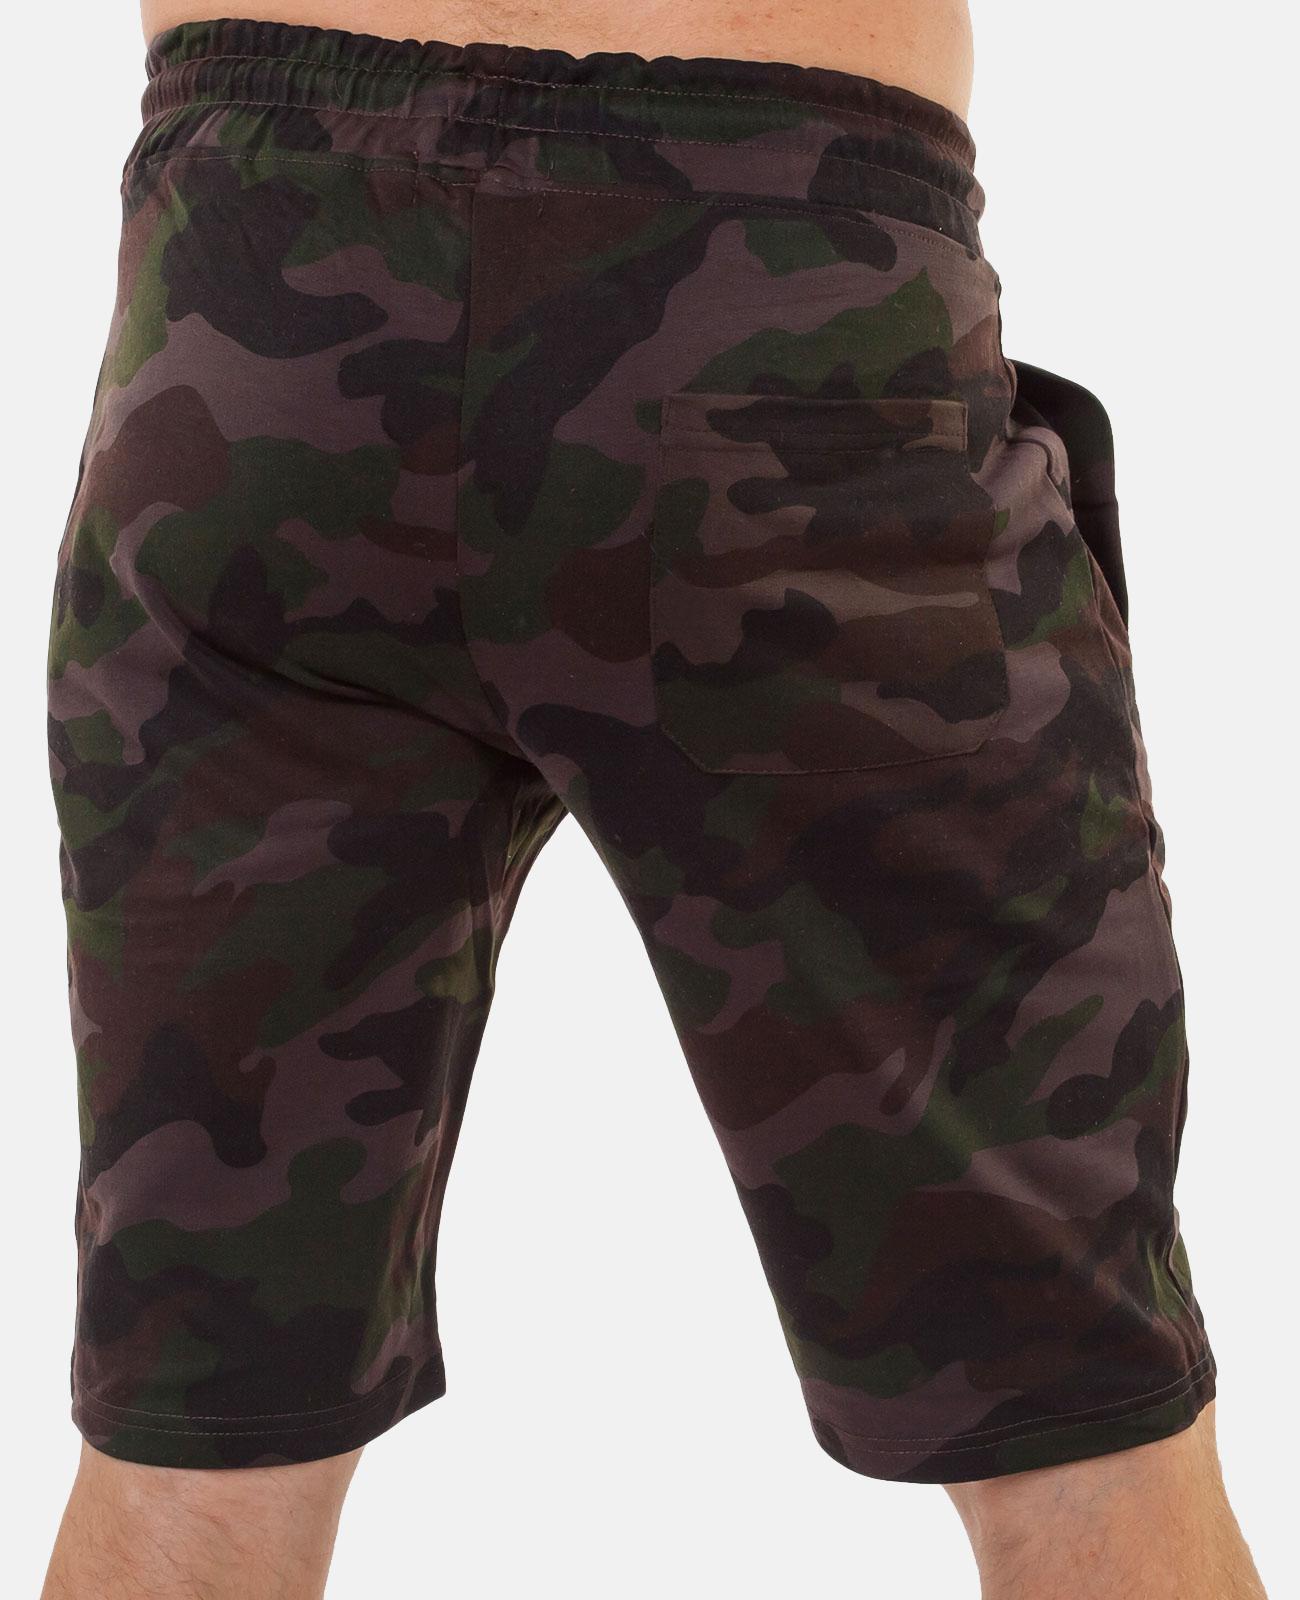 Военные мужские шорты с нашивкой Флот России - заказать онлайн